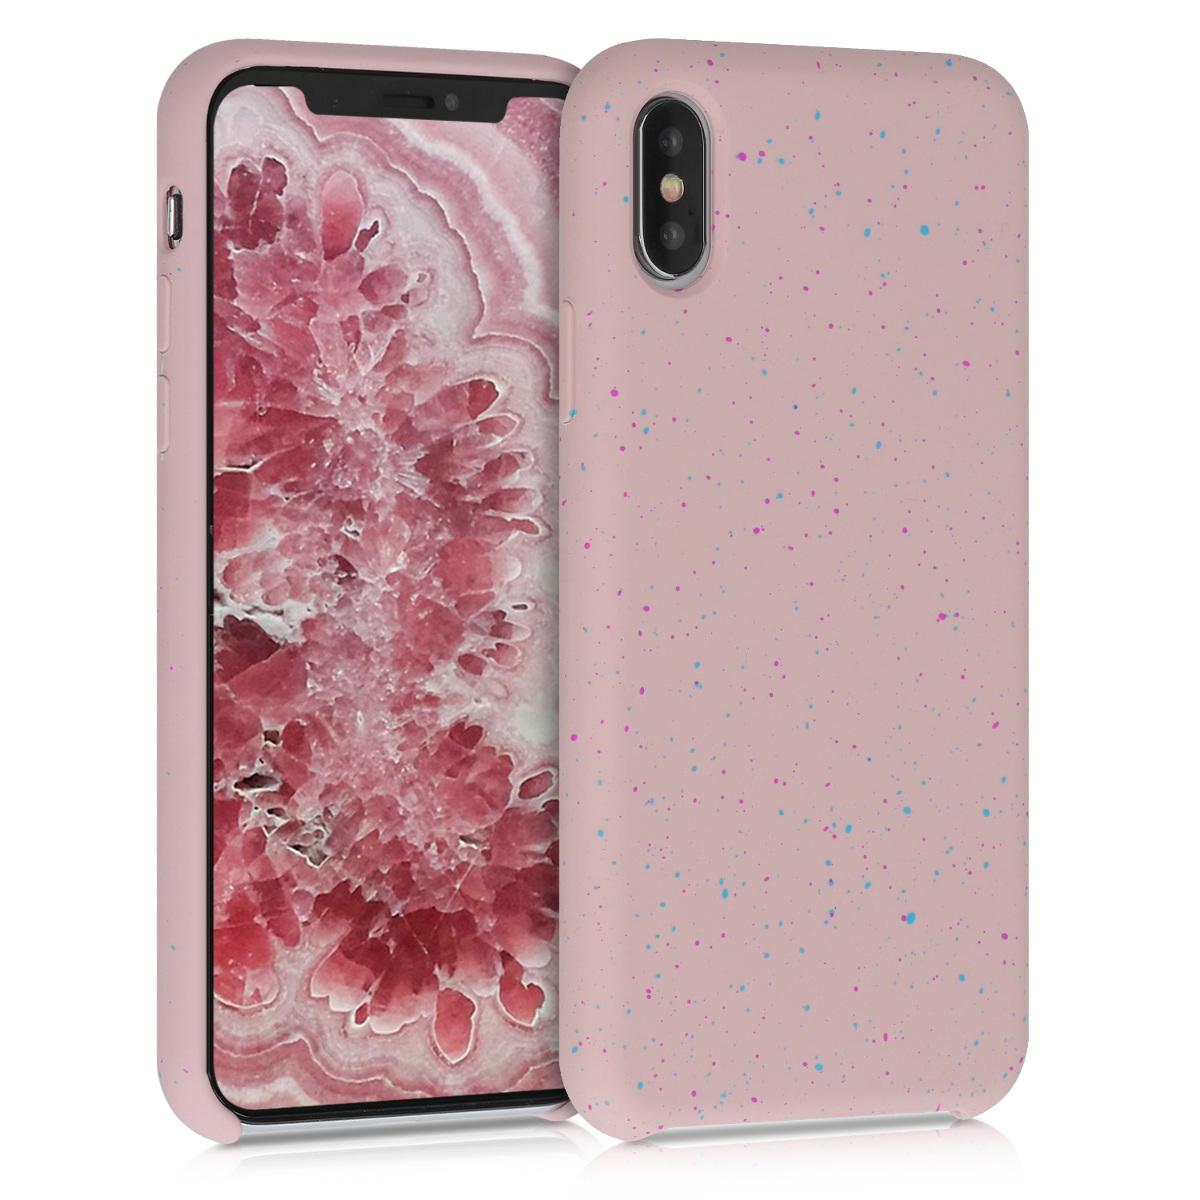 Kvalitní silikonové TPU pouzdro pro Apple iPhone XS - Paint Splatter tmavě růžová | modrá | Dusty Pink